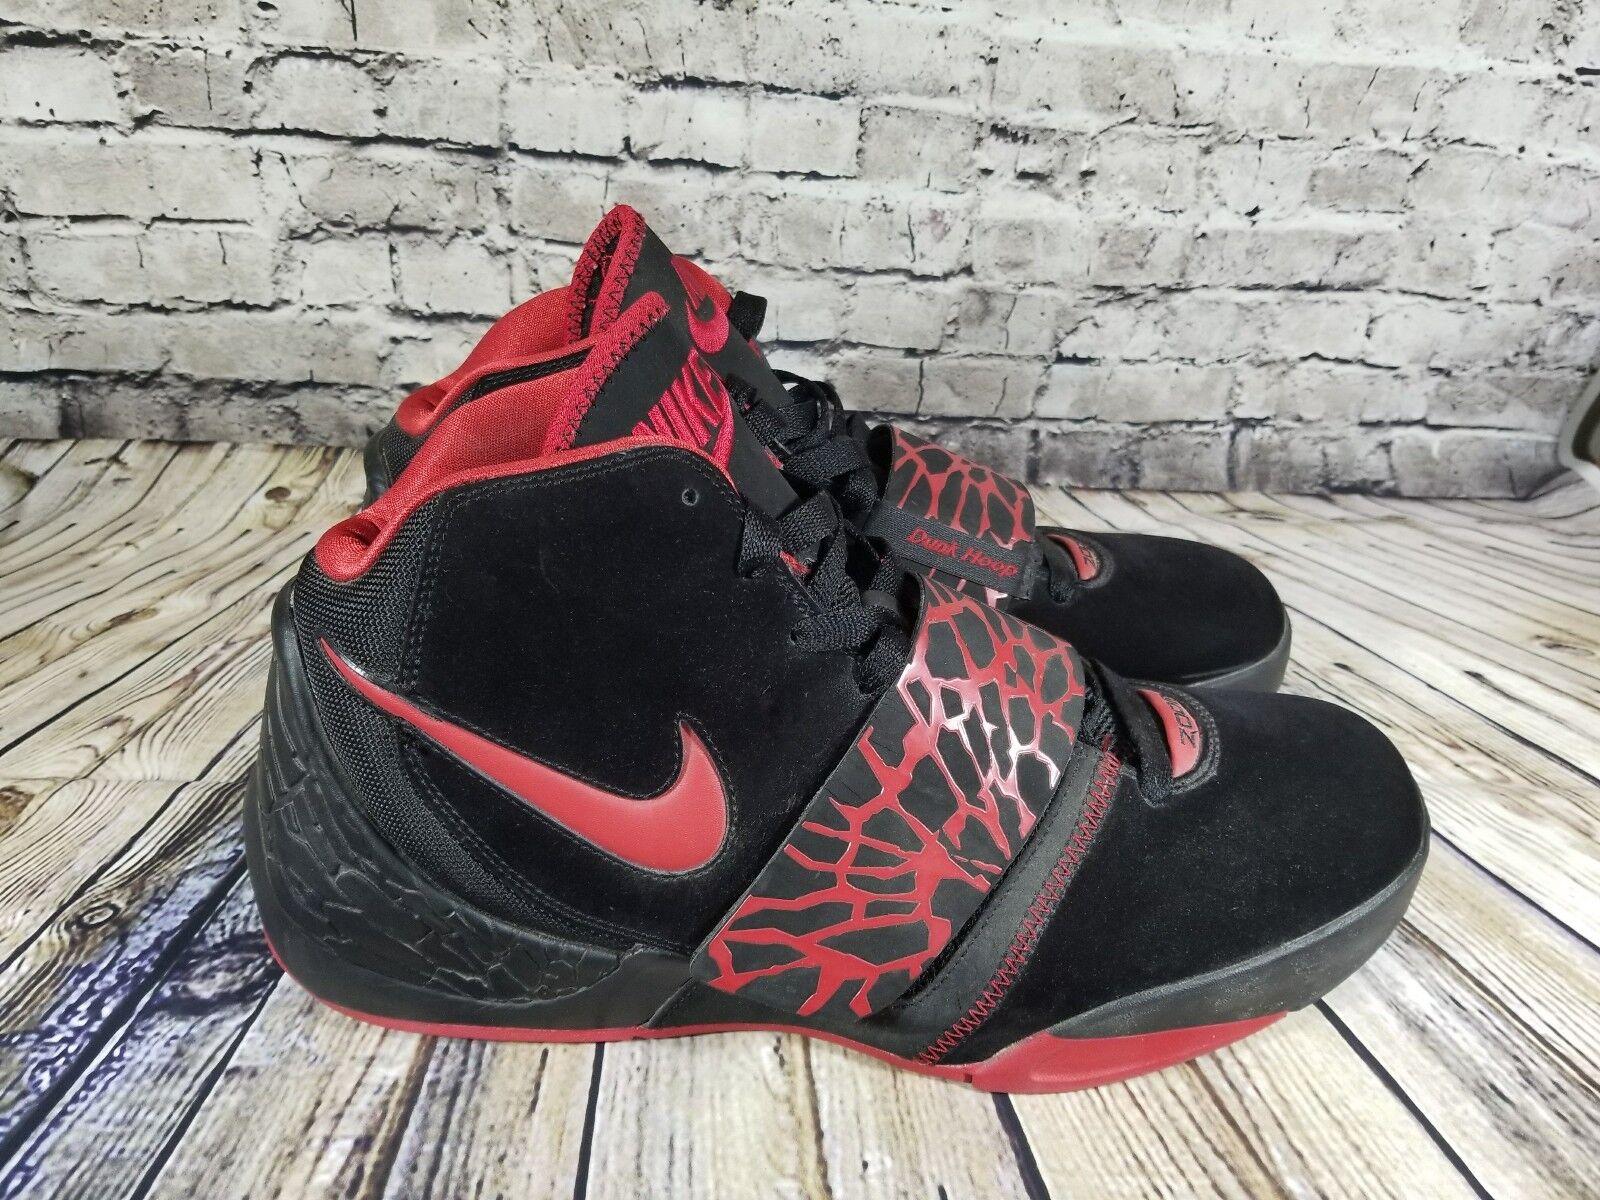 Nike Zoom Dunk Hoop Mens Size 14 Black Suede Basketball Basketball Basketball shoes Black Red 27f75a